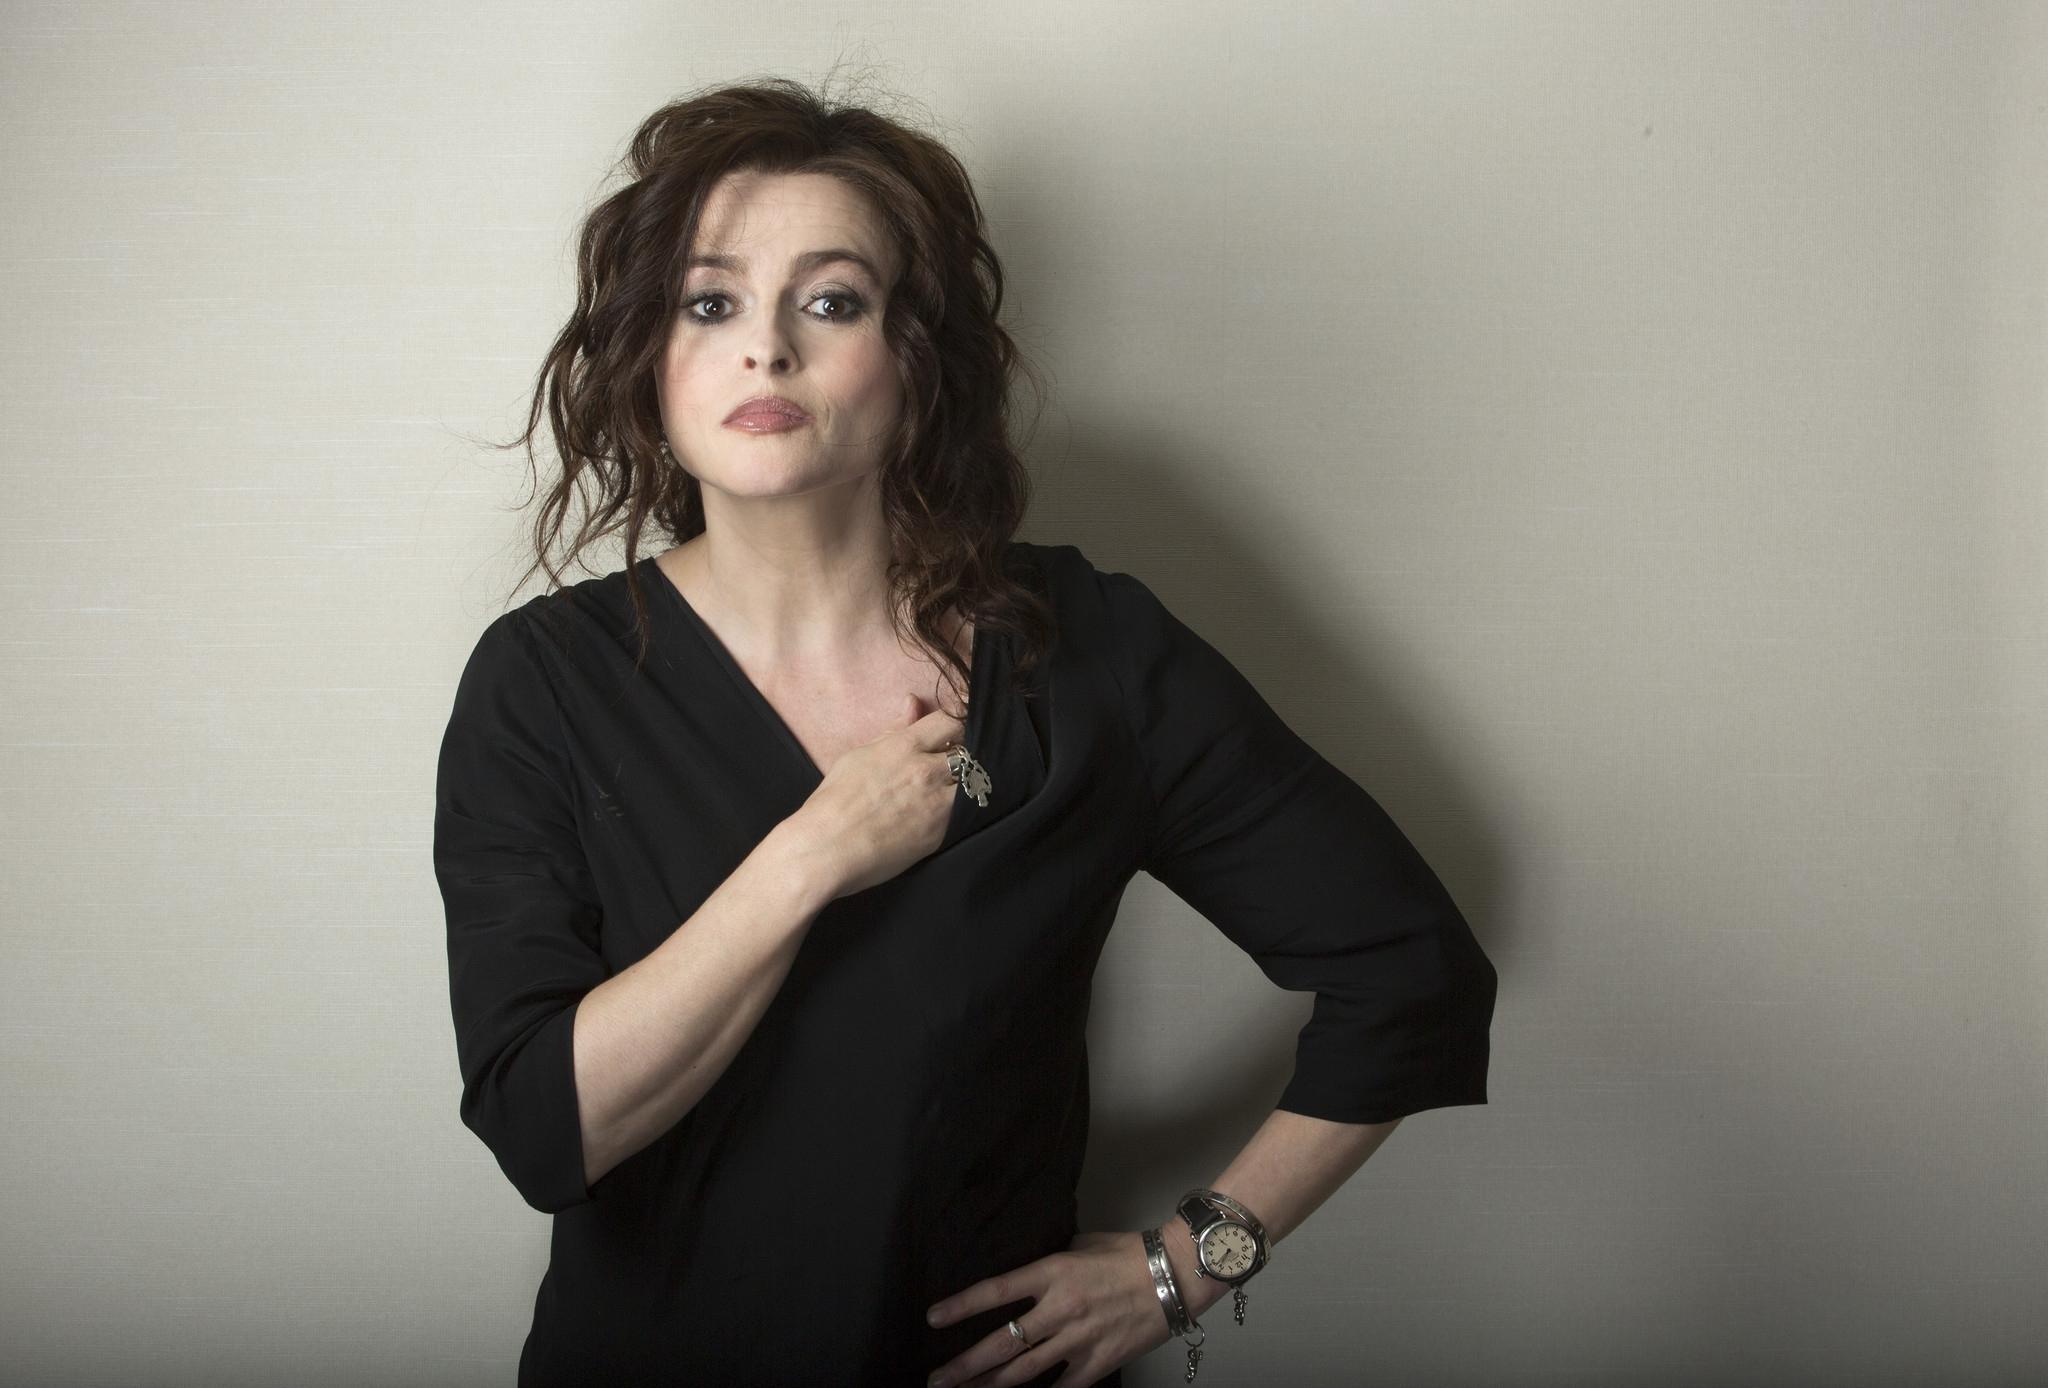 Helena Bonham Carter Full Hd